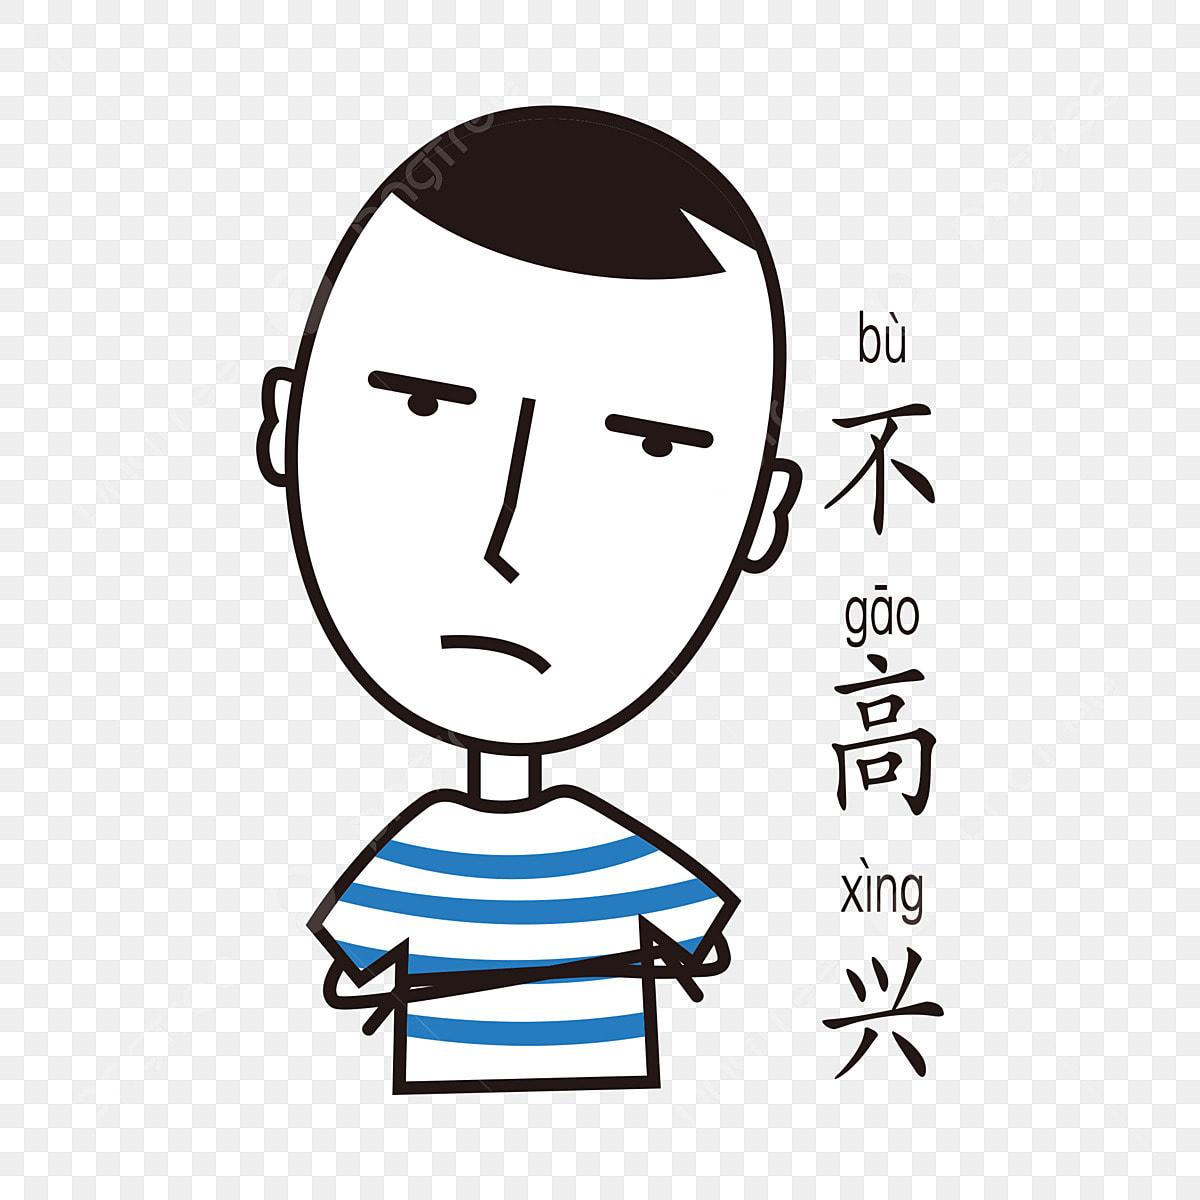 660+ Gambar Kartun Lucu Ibu Hamil Gratis Terbaru